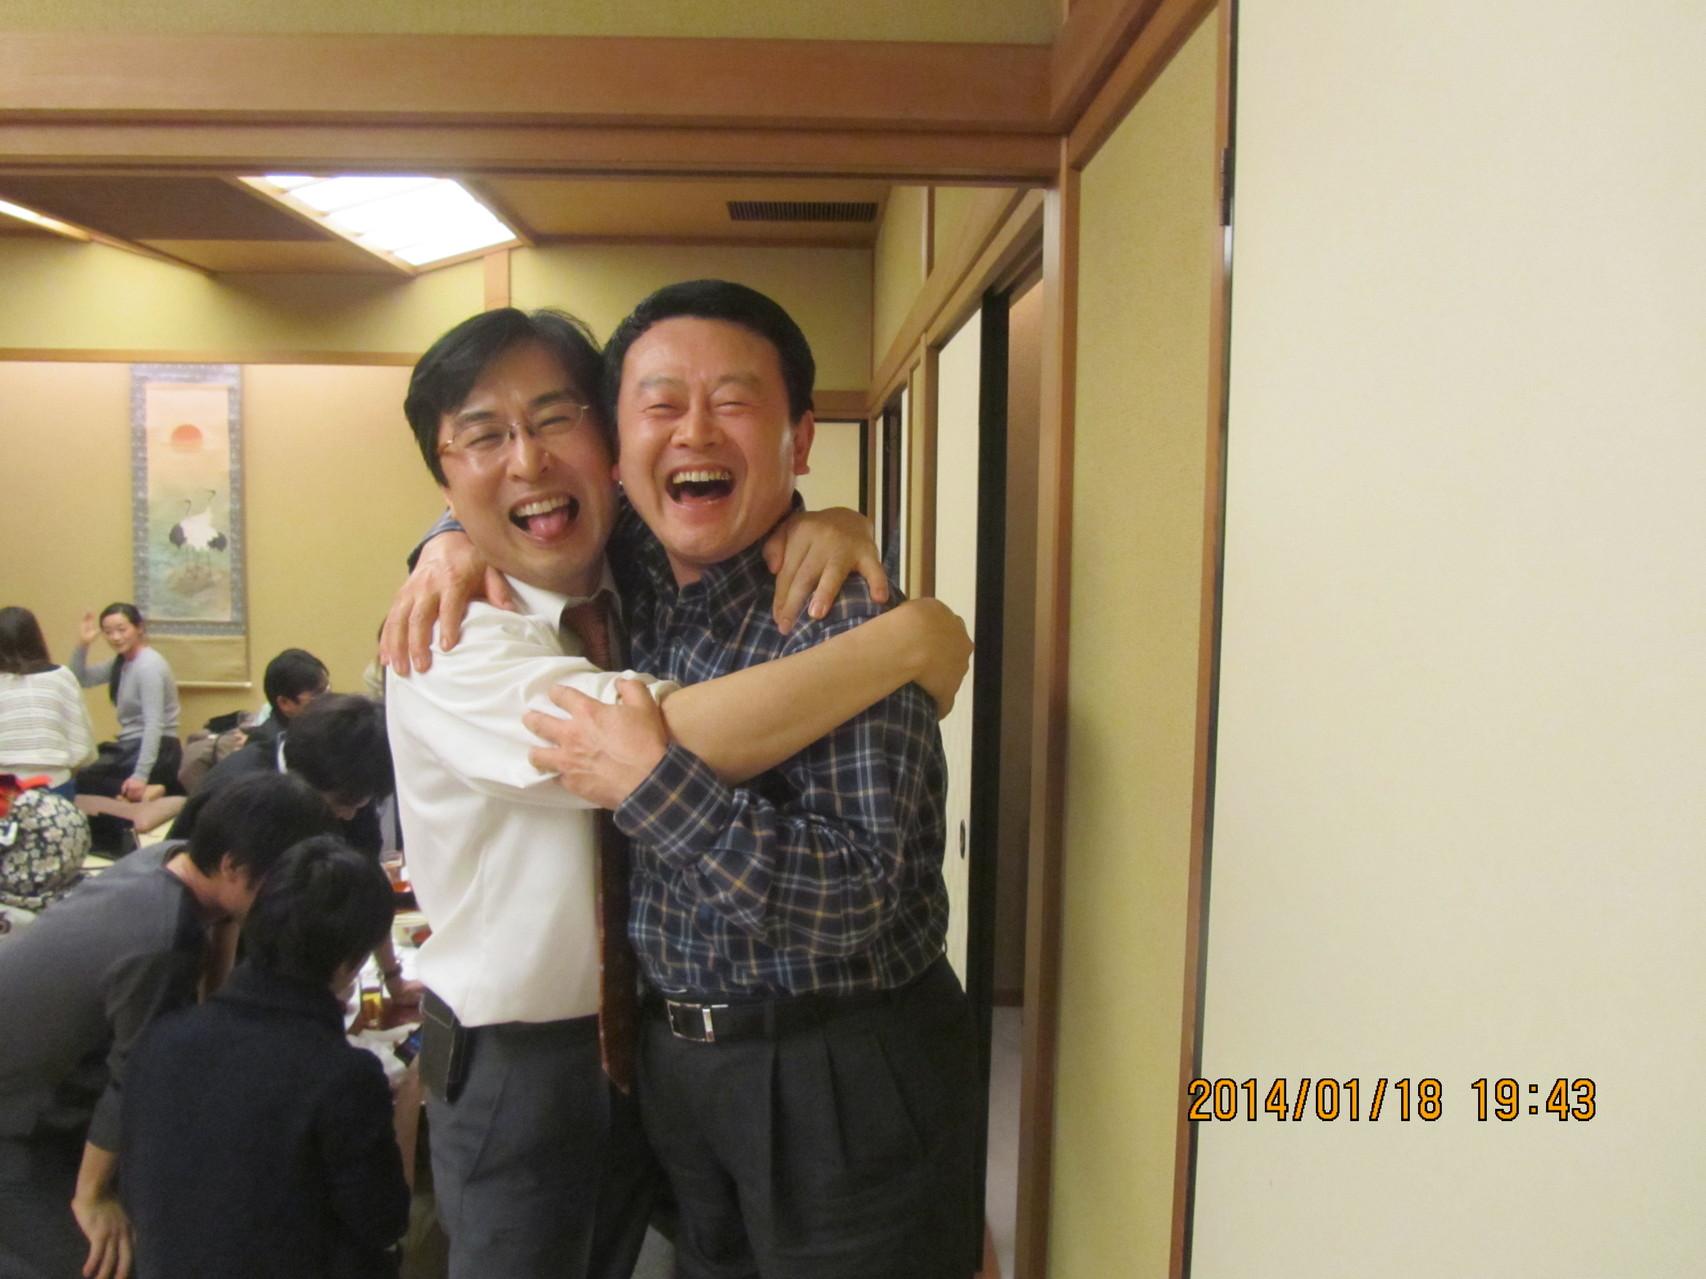 田邊教授は私より4歳若く、非常に気さくな方です。密接に連携を取りたいと思います。